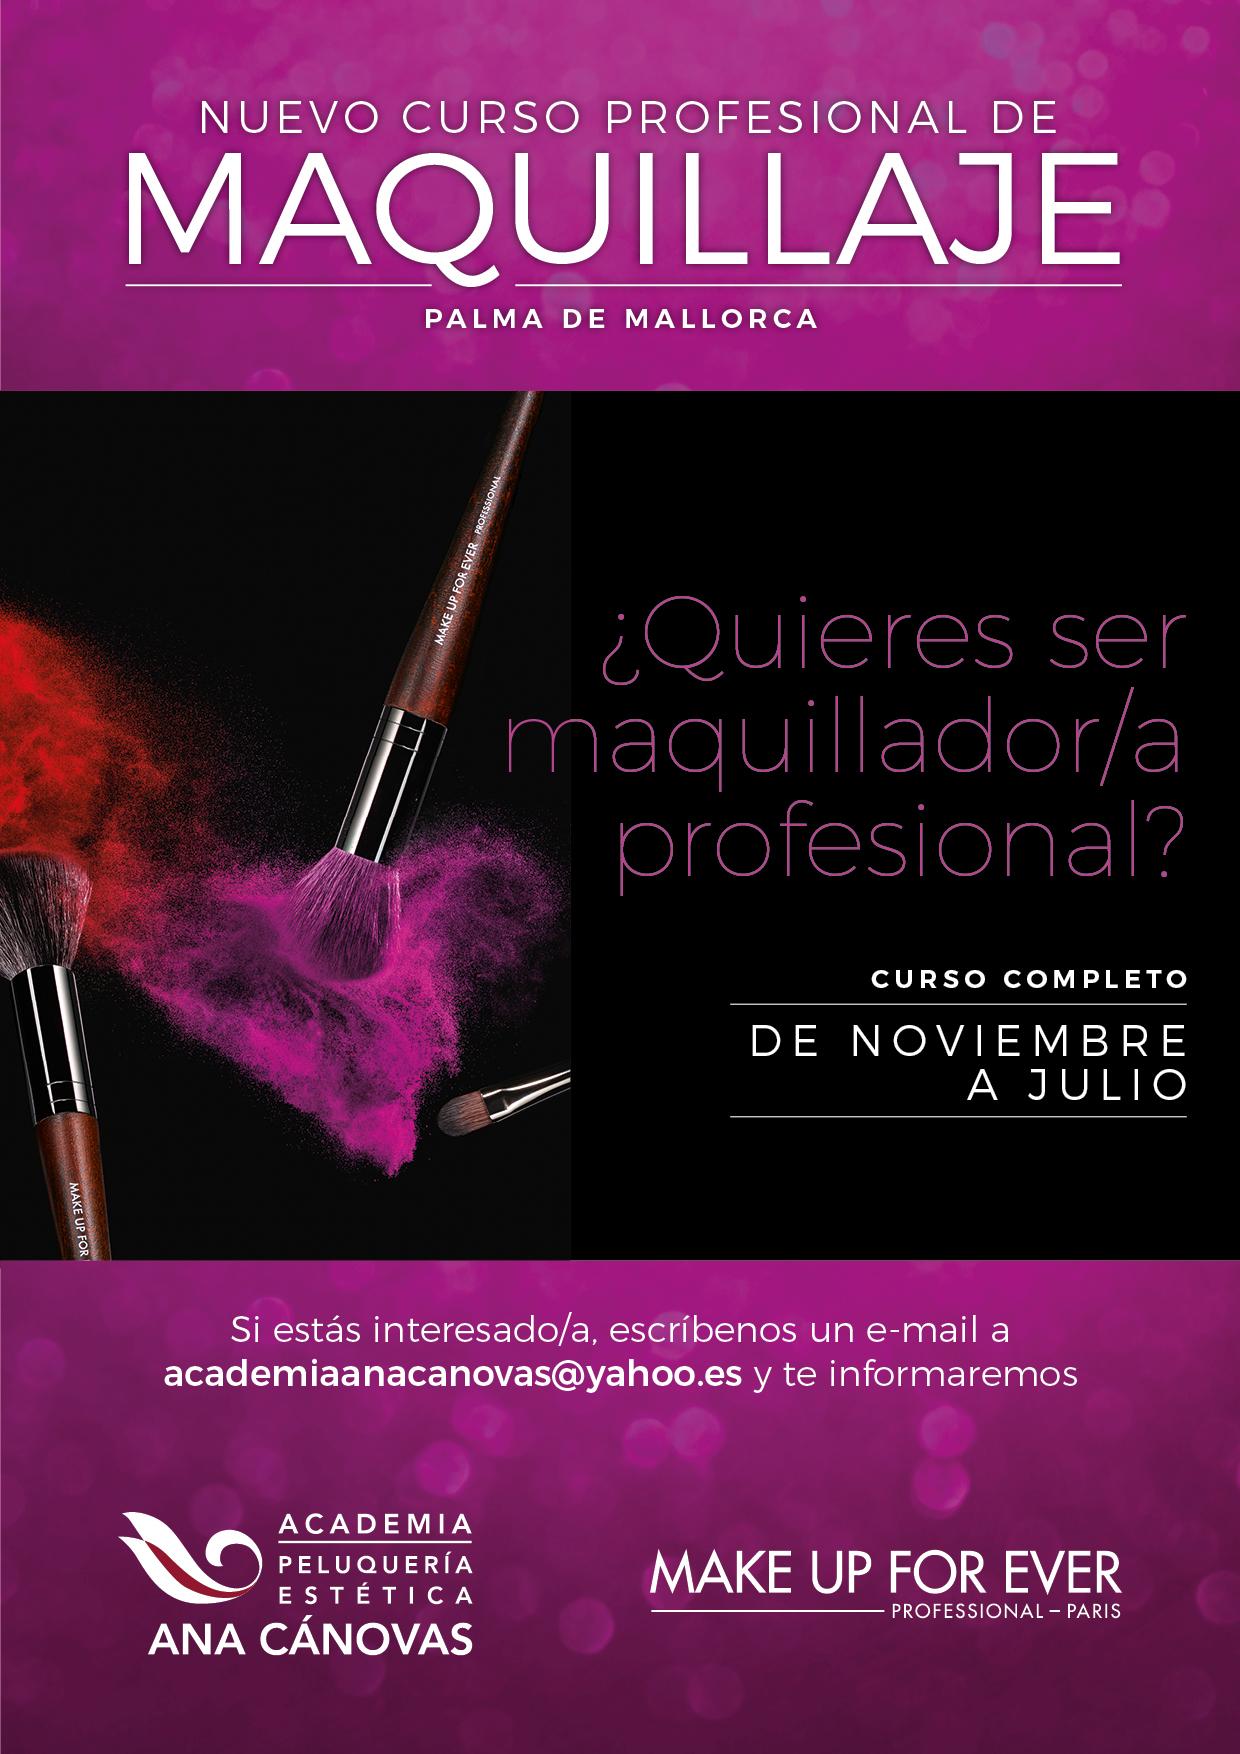 Curso de Maquillaje en Palma